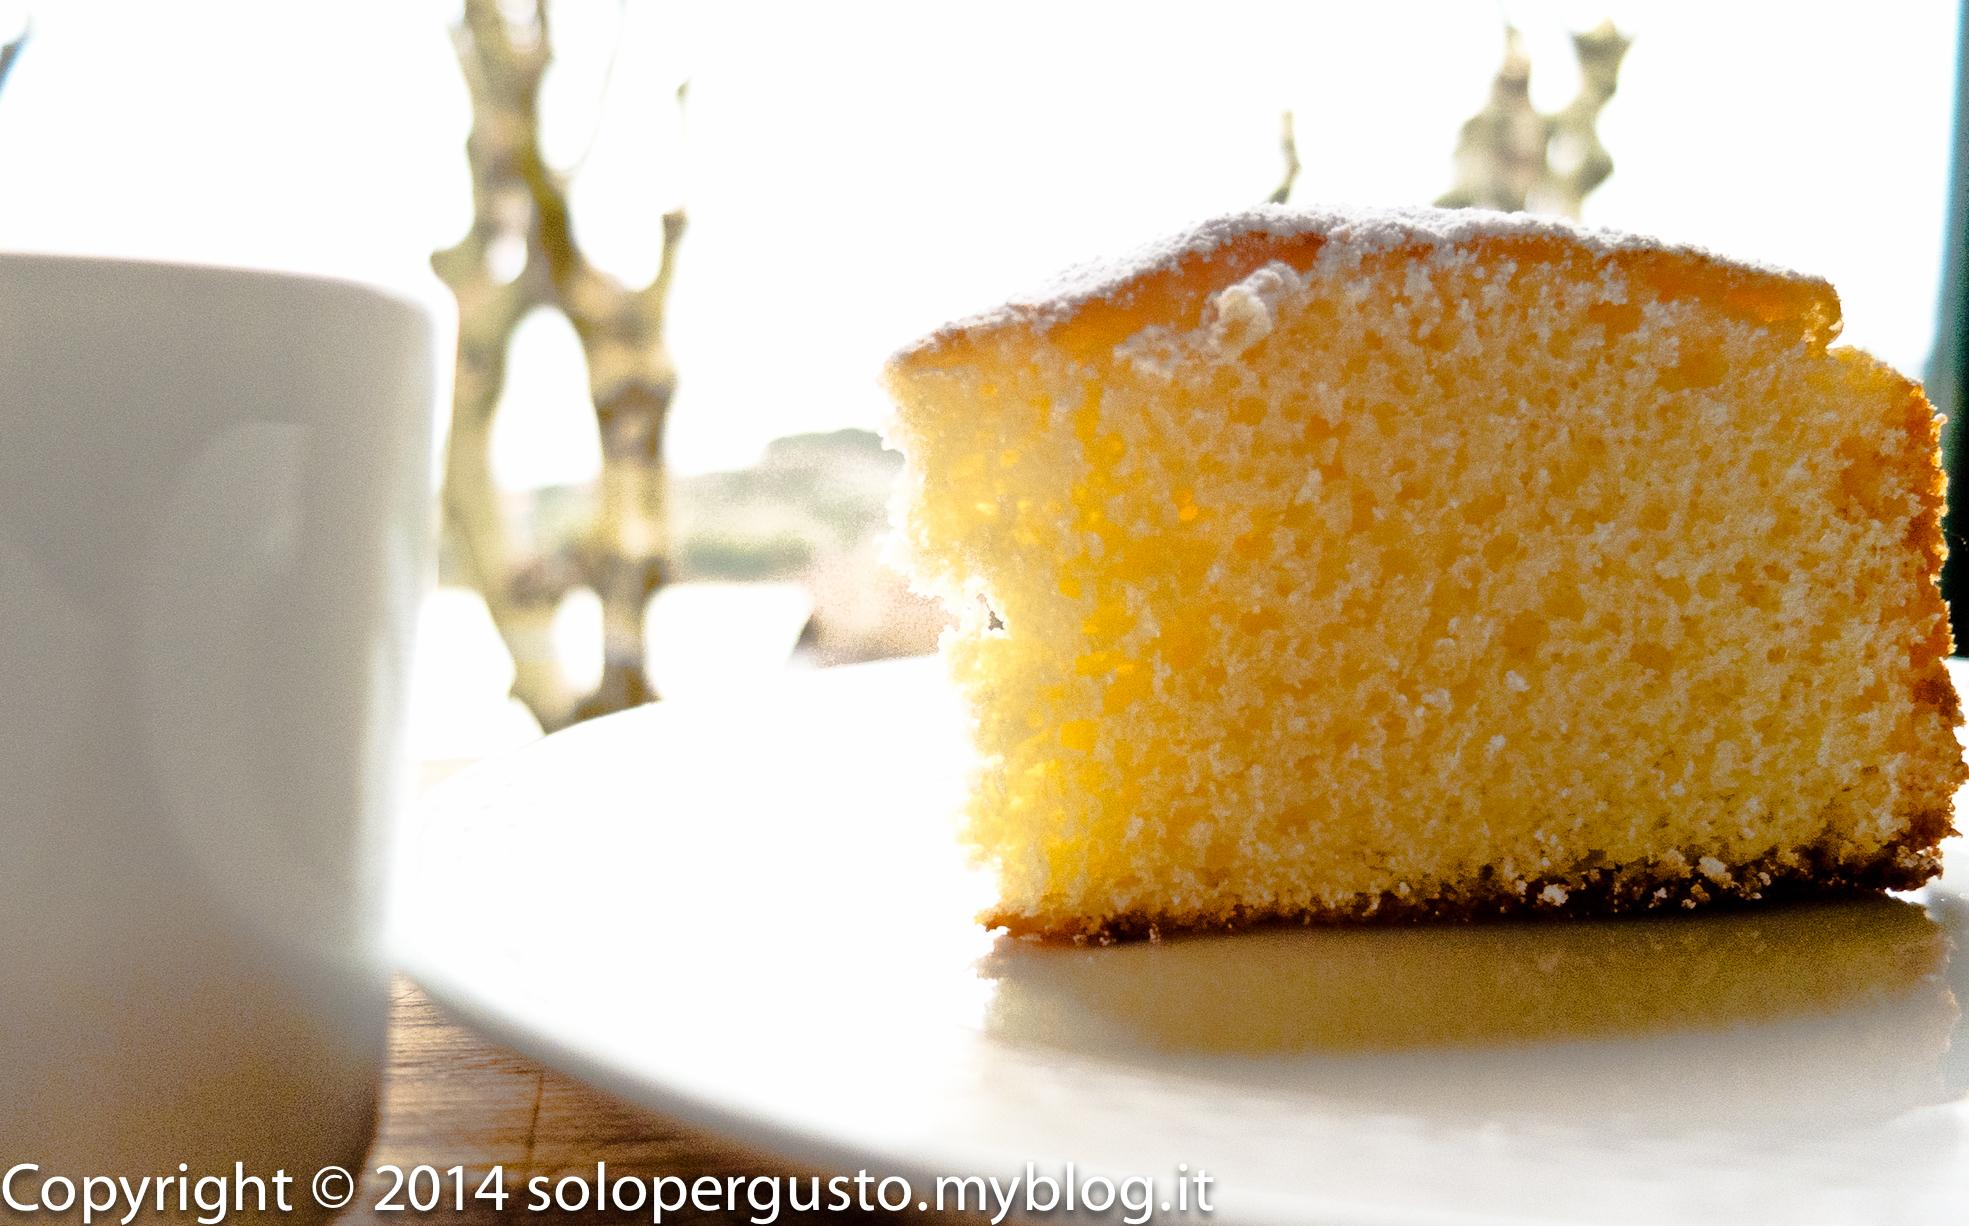 [Ricetta] Torta pseudodietetica al cioccolato bianco